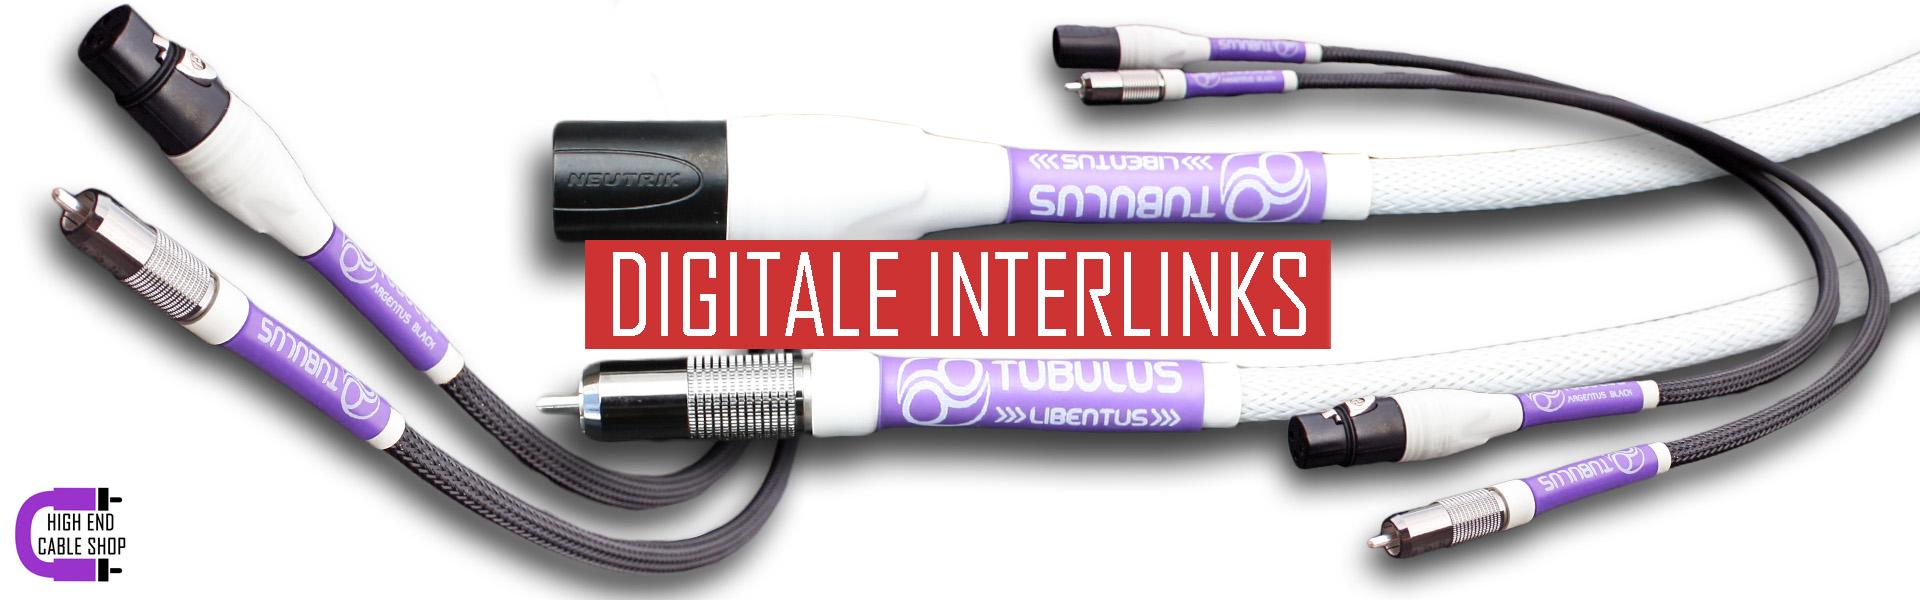 High end cable shop slide digitale interlinks